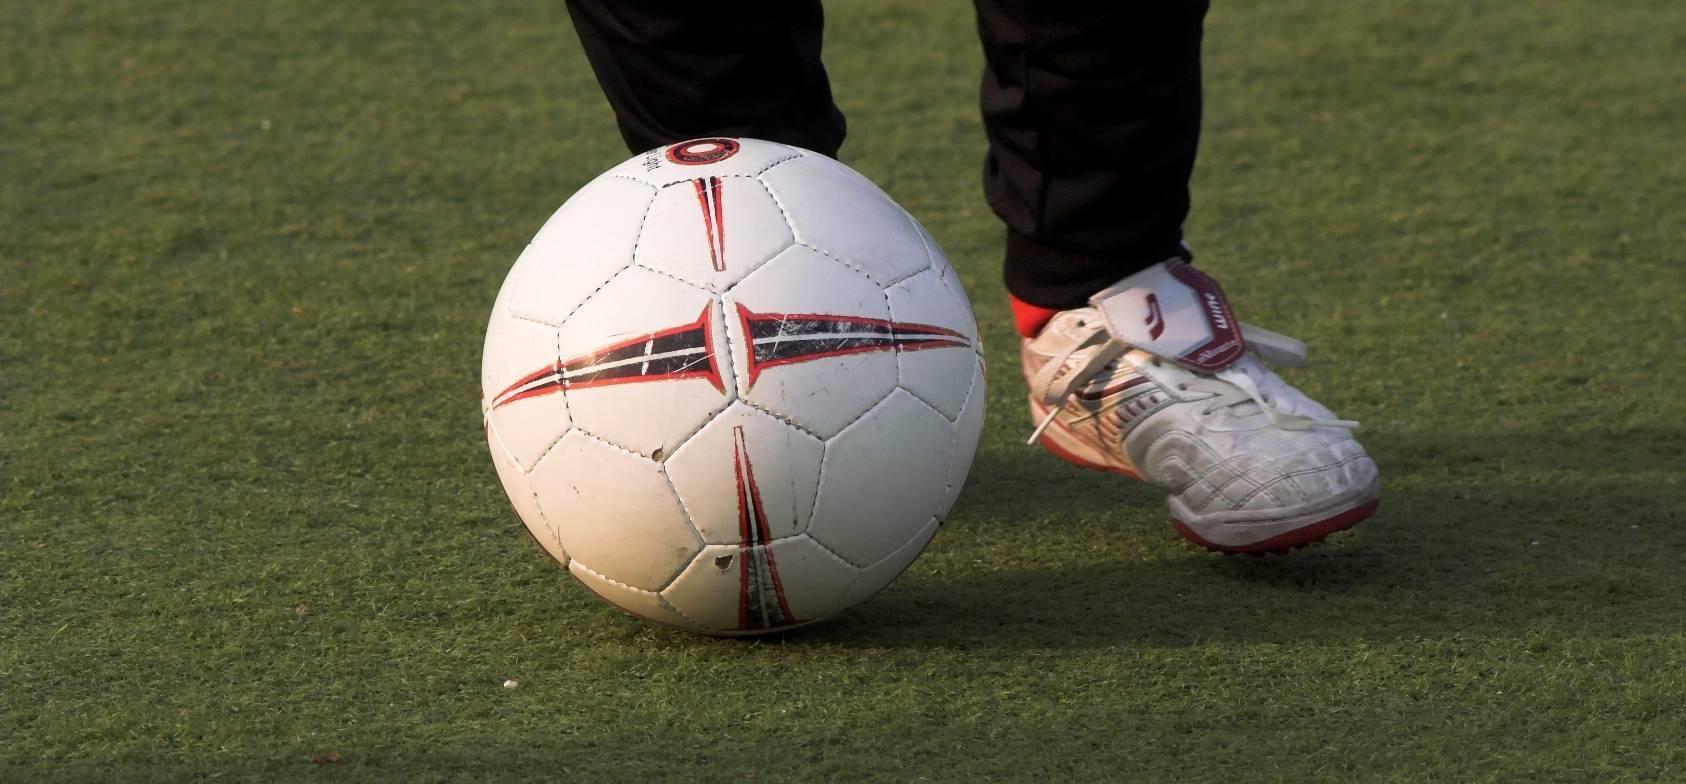 Как набивать мяч, чеканка мяча